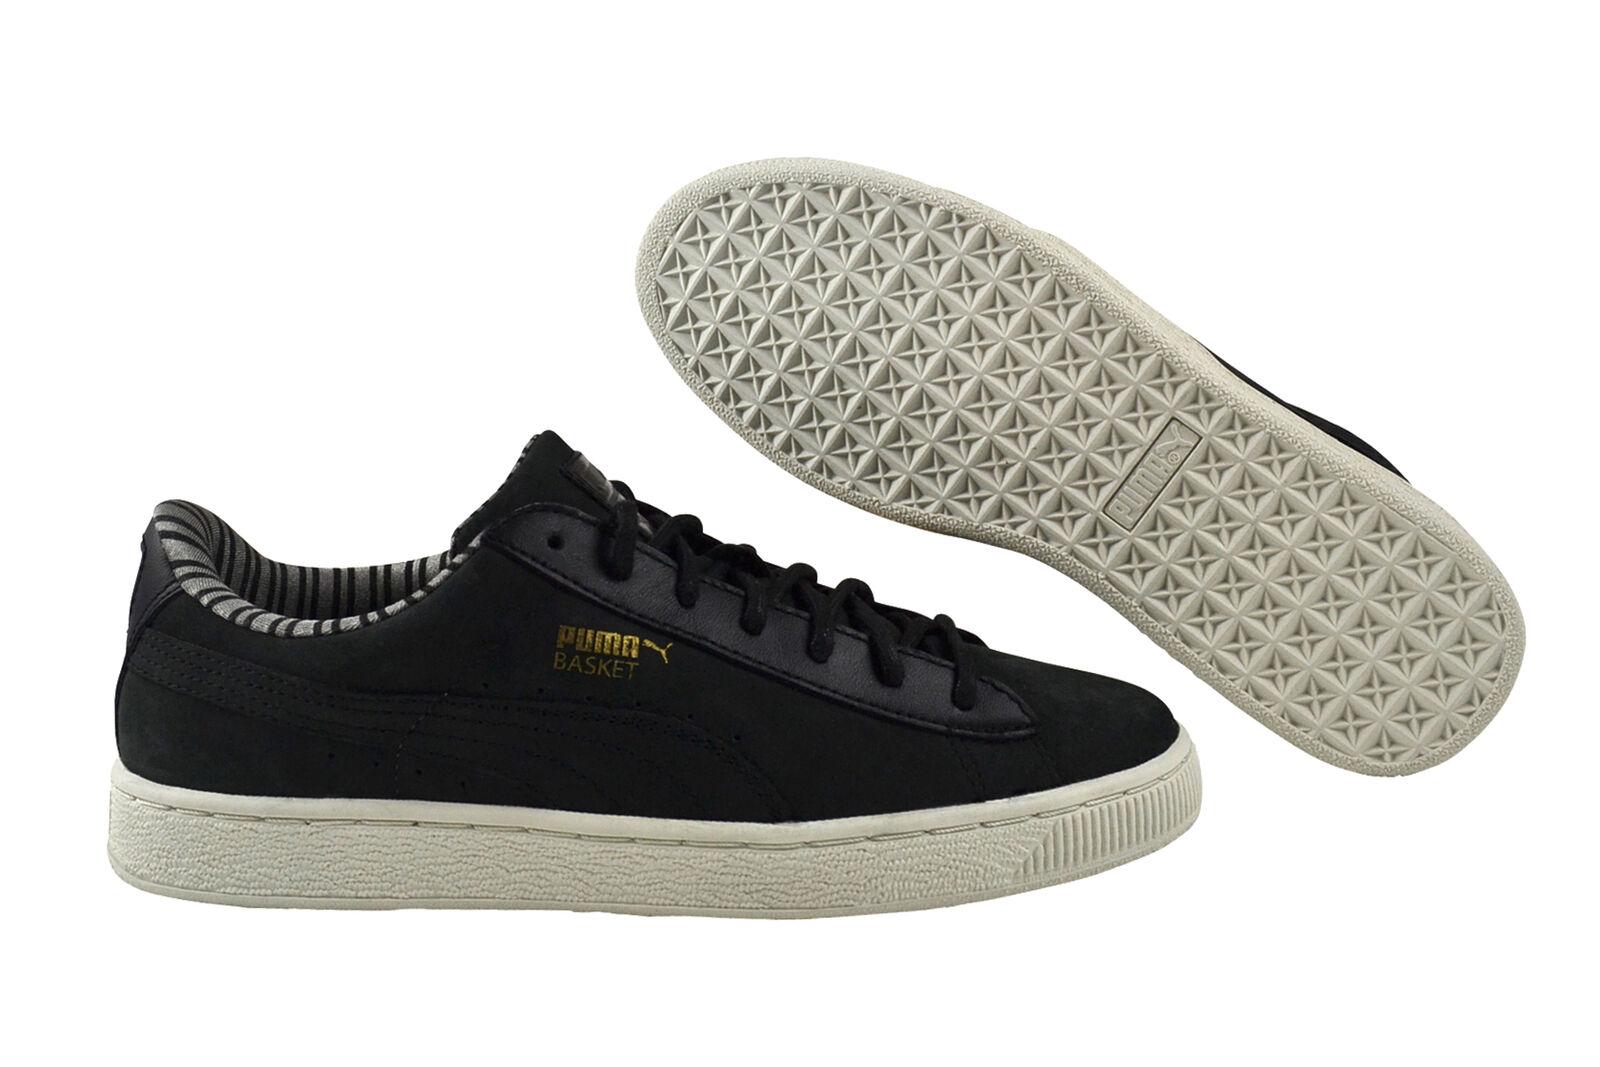 Venta de liquidación de temporada Puma Basket Classic citi Black cortos zapatos negro 359938 01